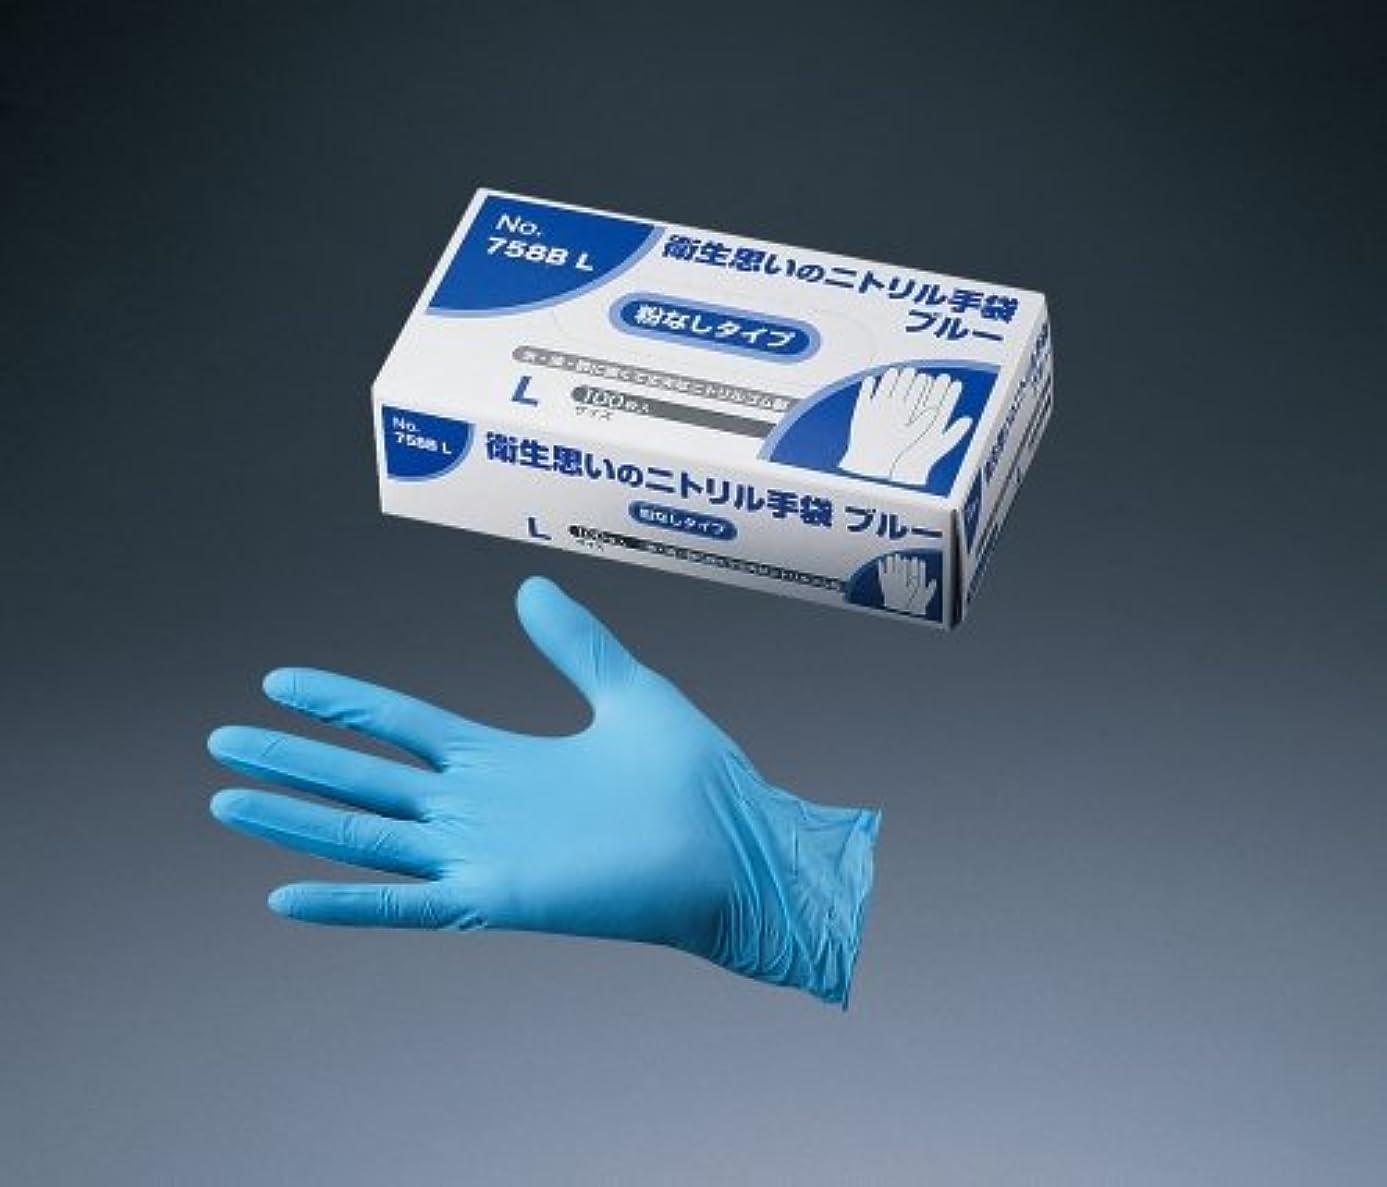 受付攻撃的合意衛生思いのニトリル手袋(粉なし)ブルー No.758B S